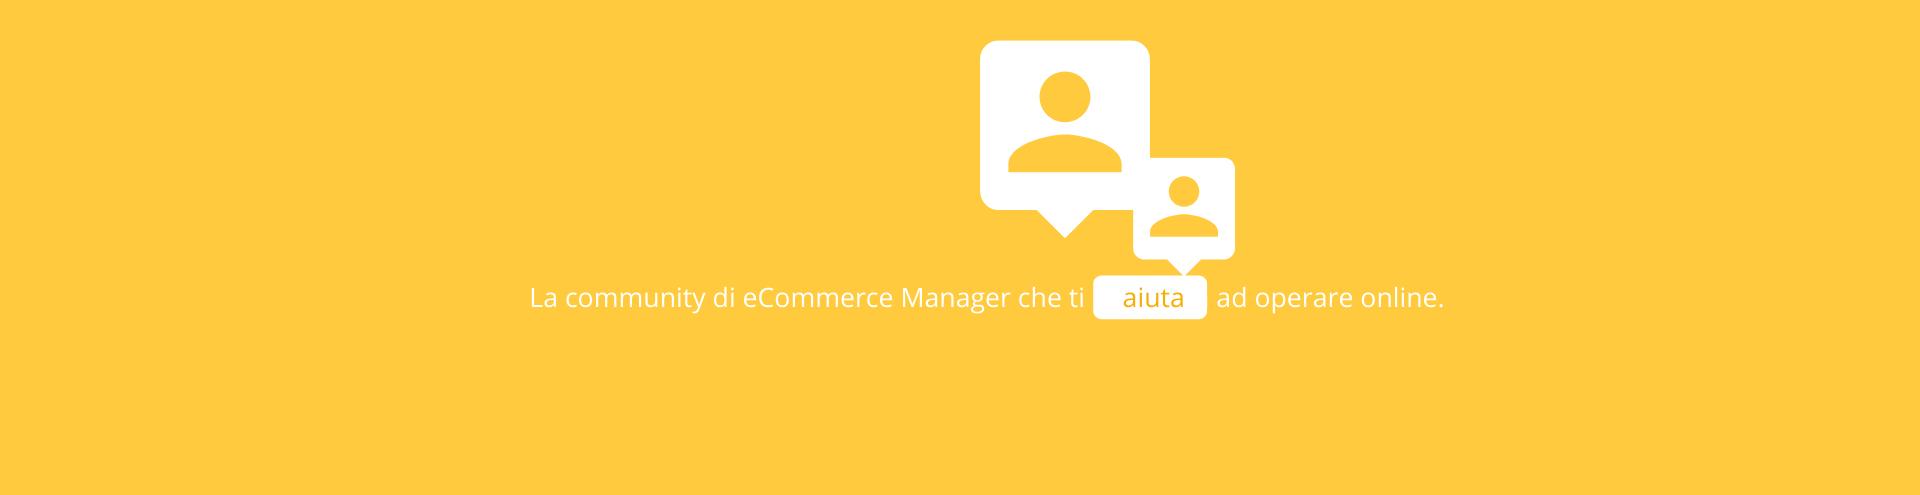 La community di eCommerce Manager che ti aiuta ad operare online.